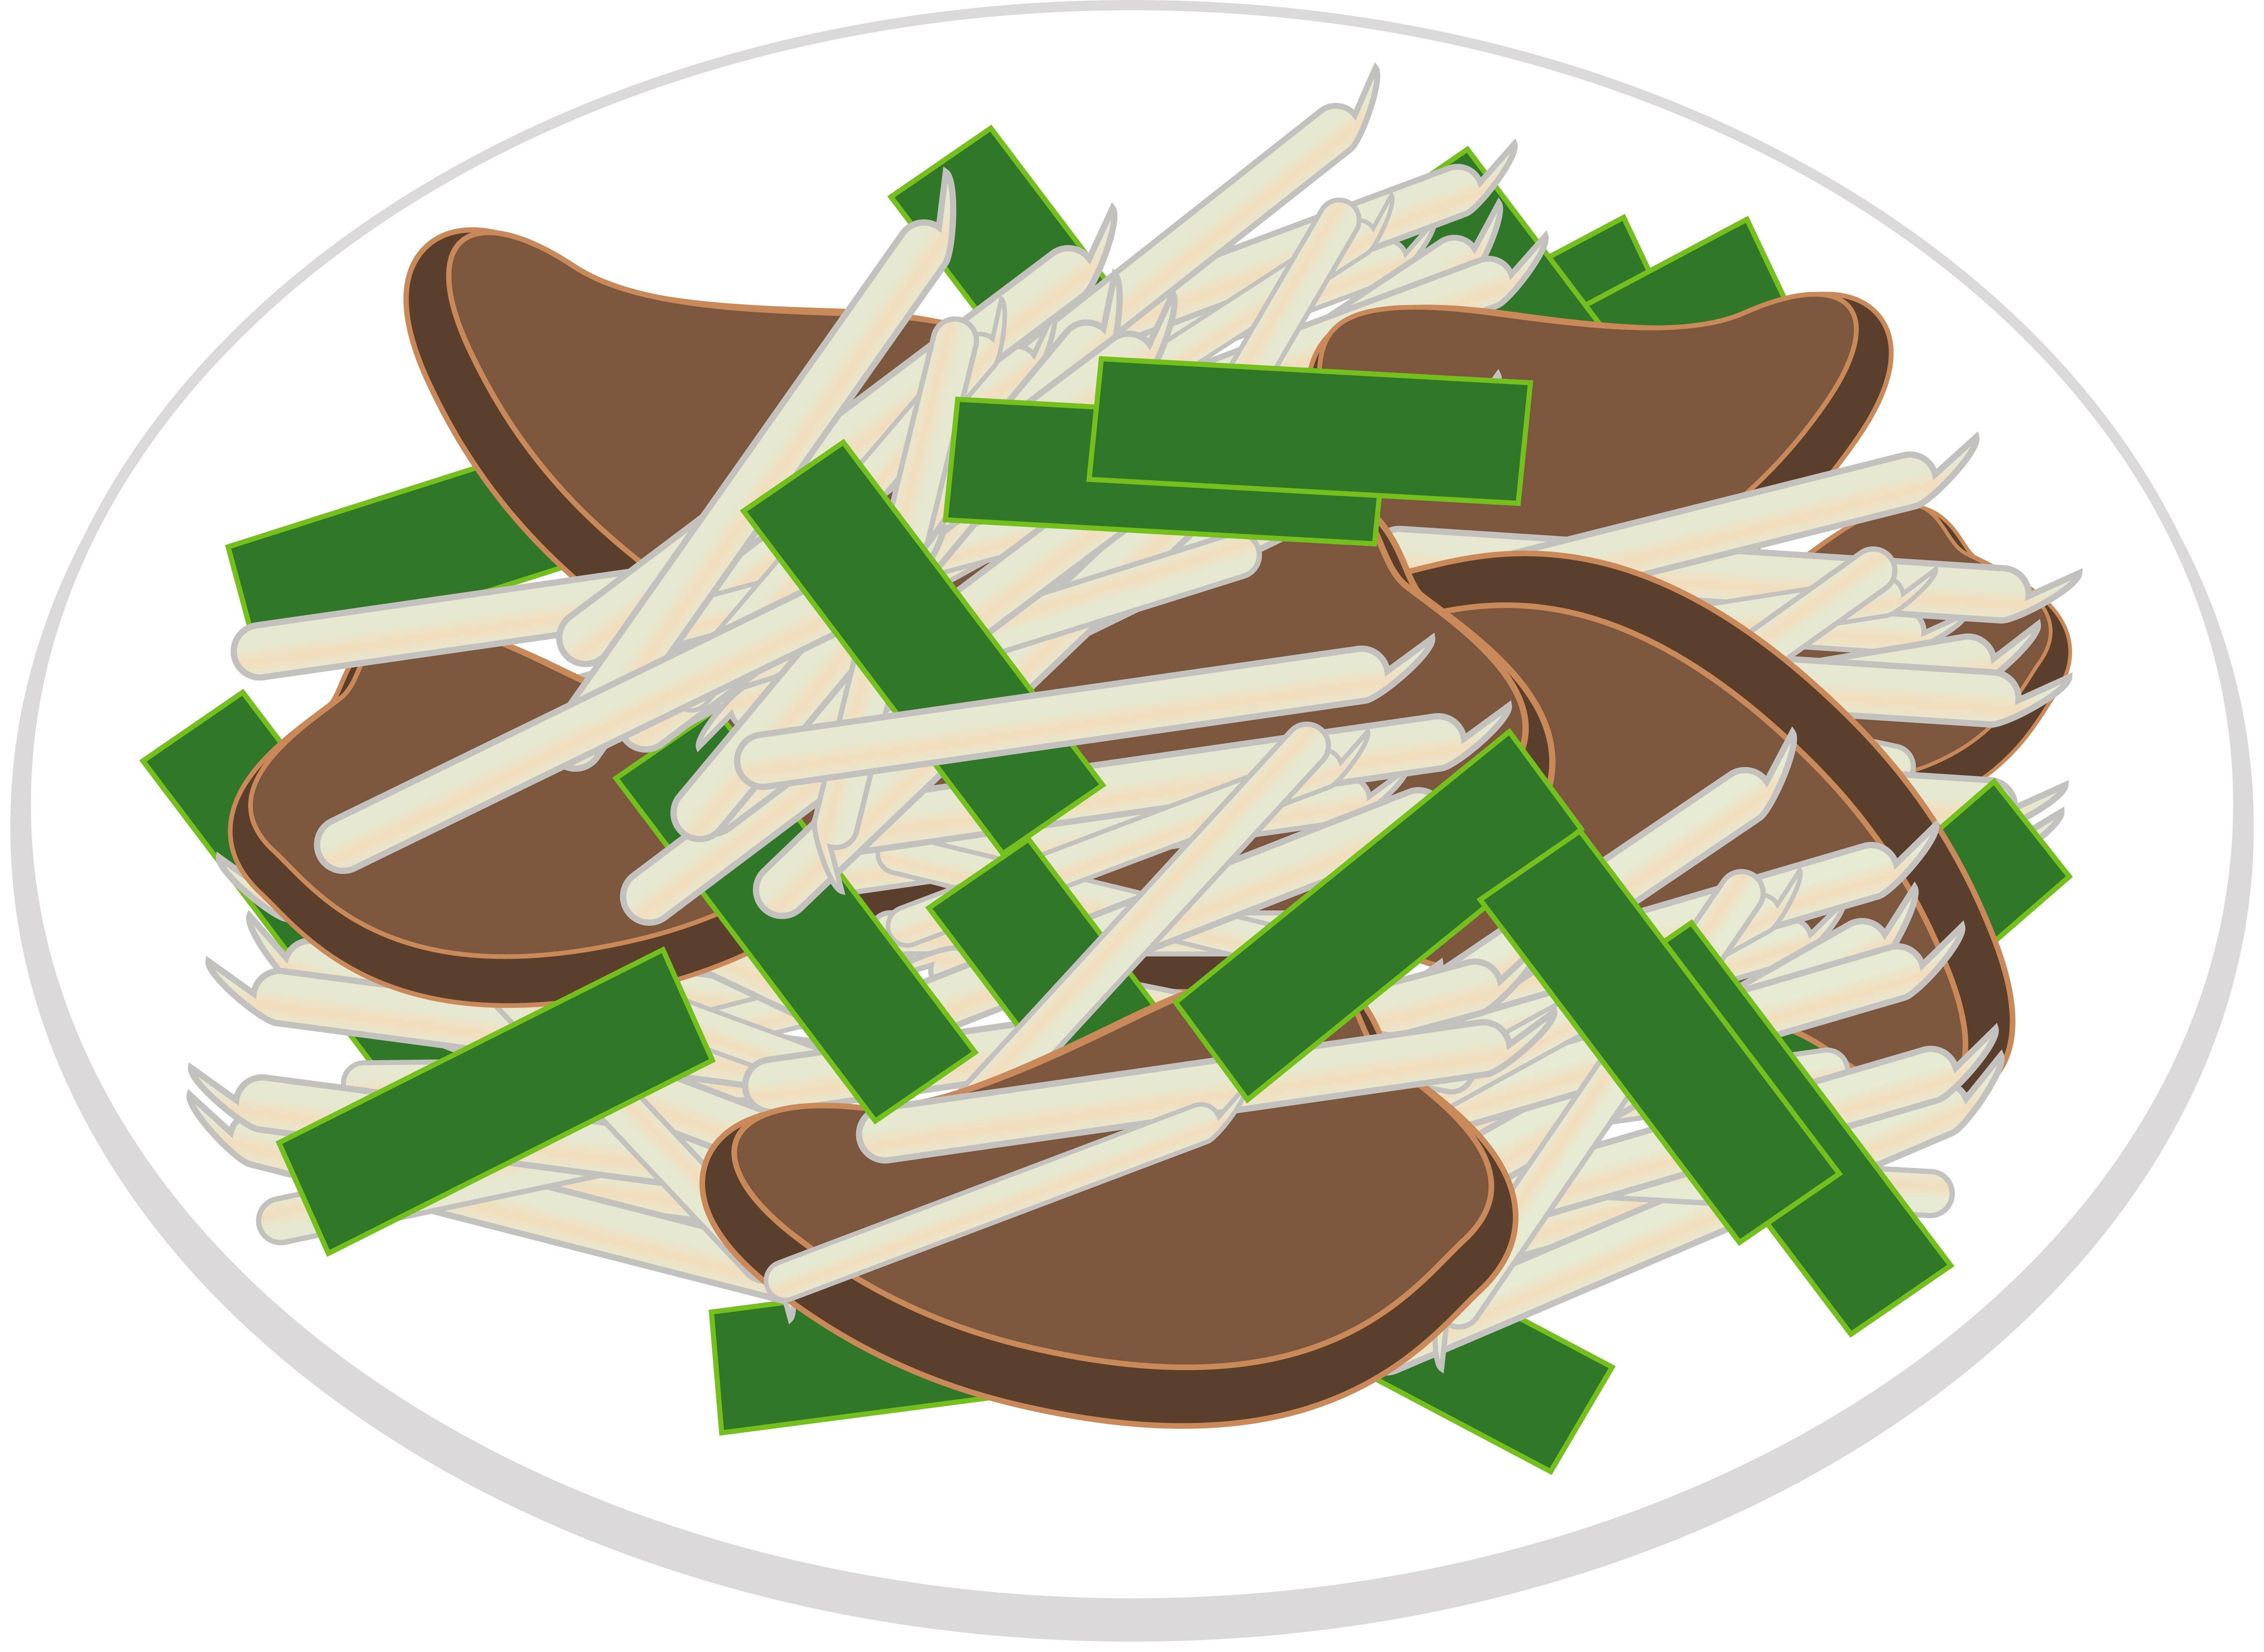 痛風になりやすい食べ物(食品)、なりにくい食べ物